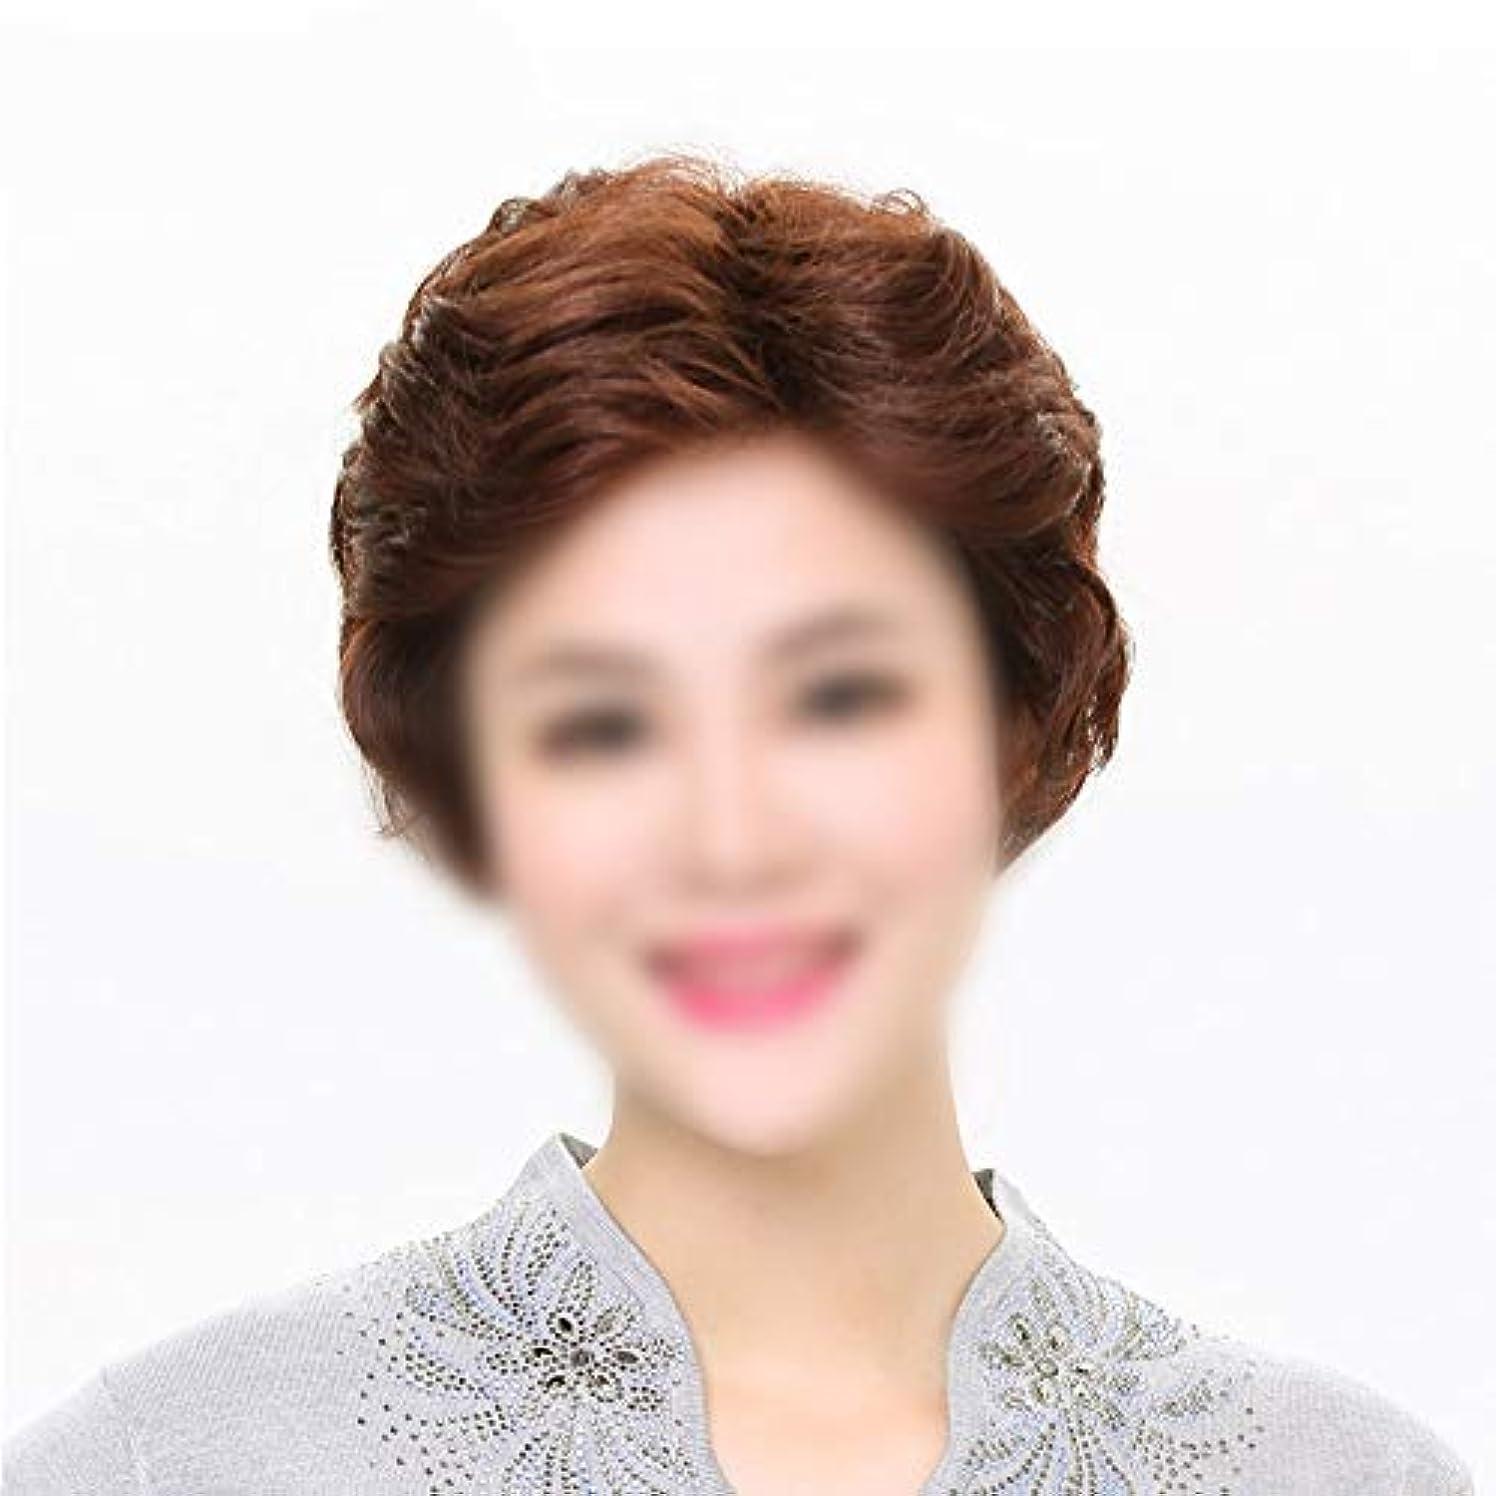 漂流突然ハンマーYOUQIU 女子ショートウェービーヘアエクステンションウィッグ用手織りナチュラルブラックレアル髪 (色 : Natural black, サイズ : Hand-woven)